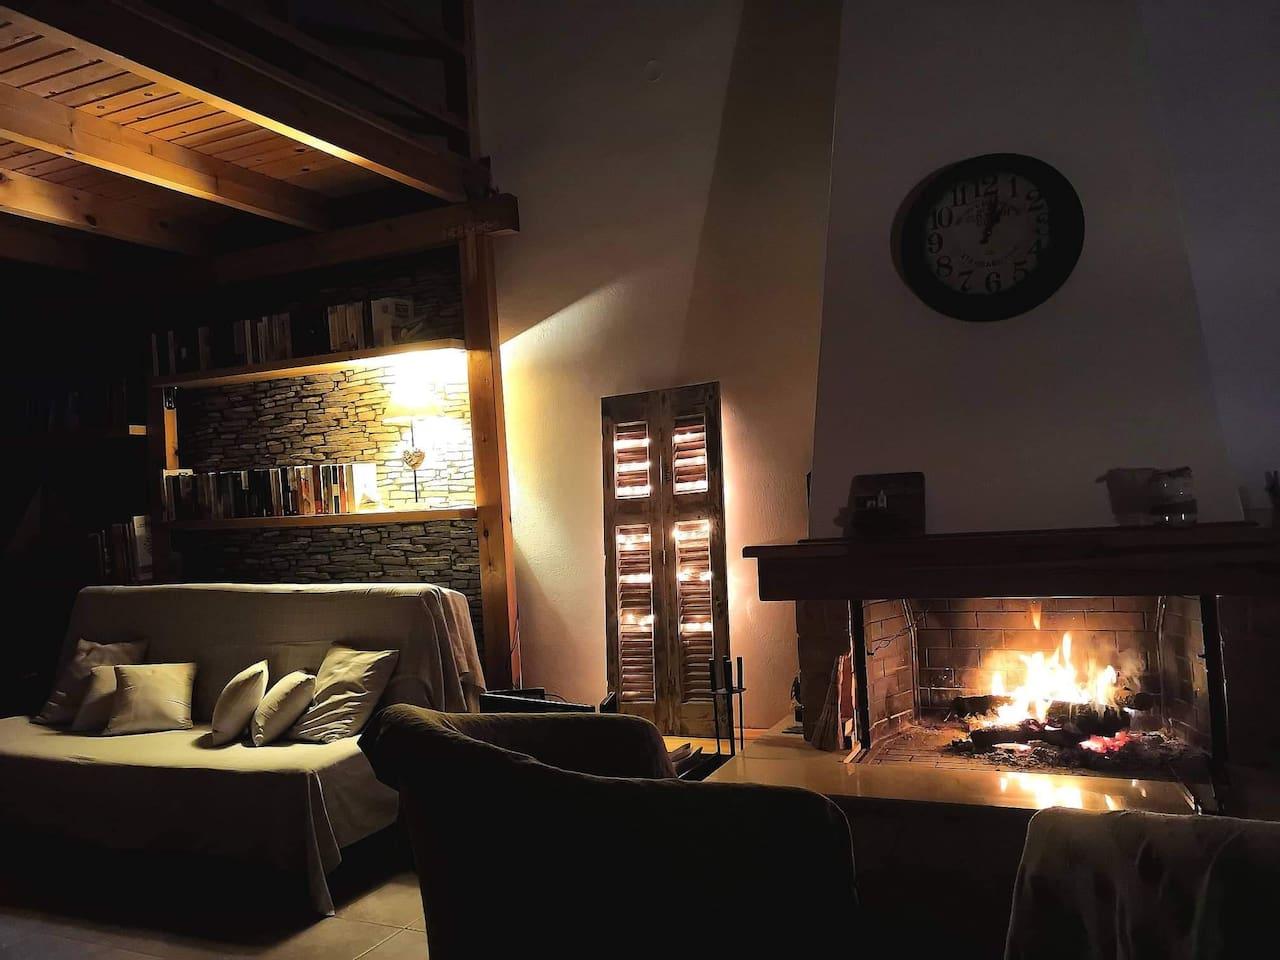 Η αγαπημένη μας γωνία στο σπίτι. Μπροστά στο μεγάλο τζάκι,με ένα καλό βιβλίο,ένα ποτήρι κρασί ,ακούγοντας απαλή μουσική , συζητώντας μέχρι το πρωί....